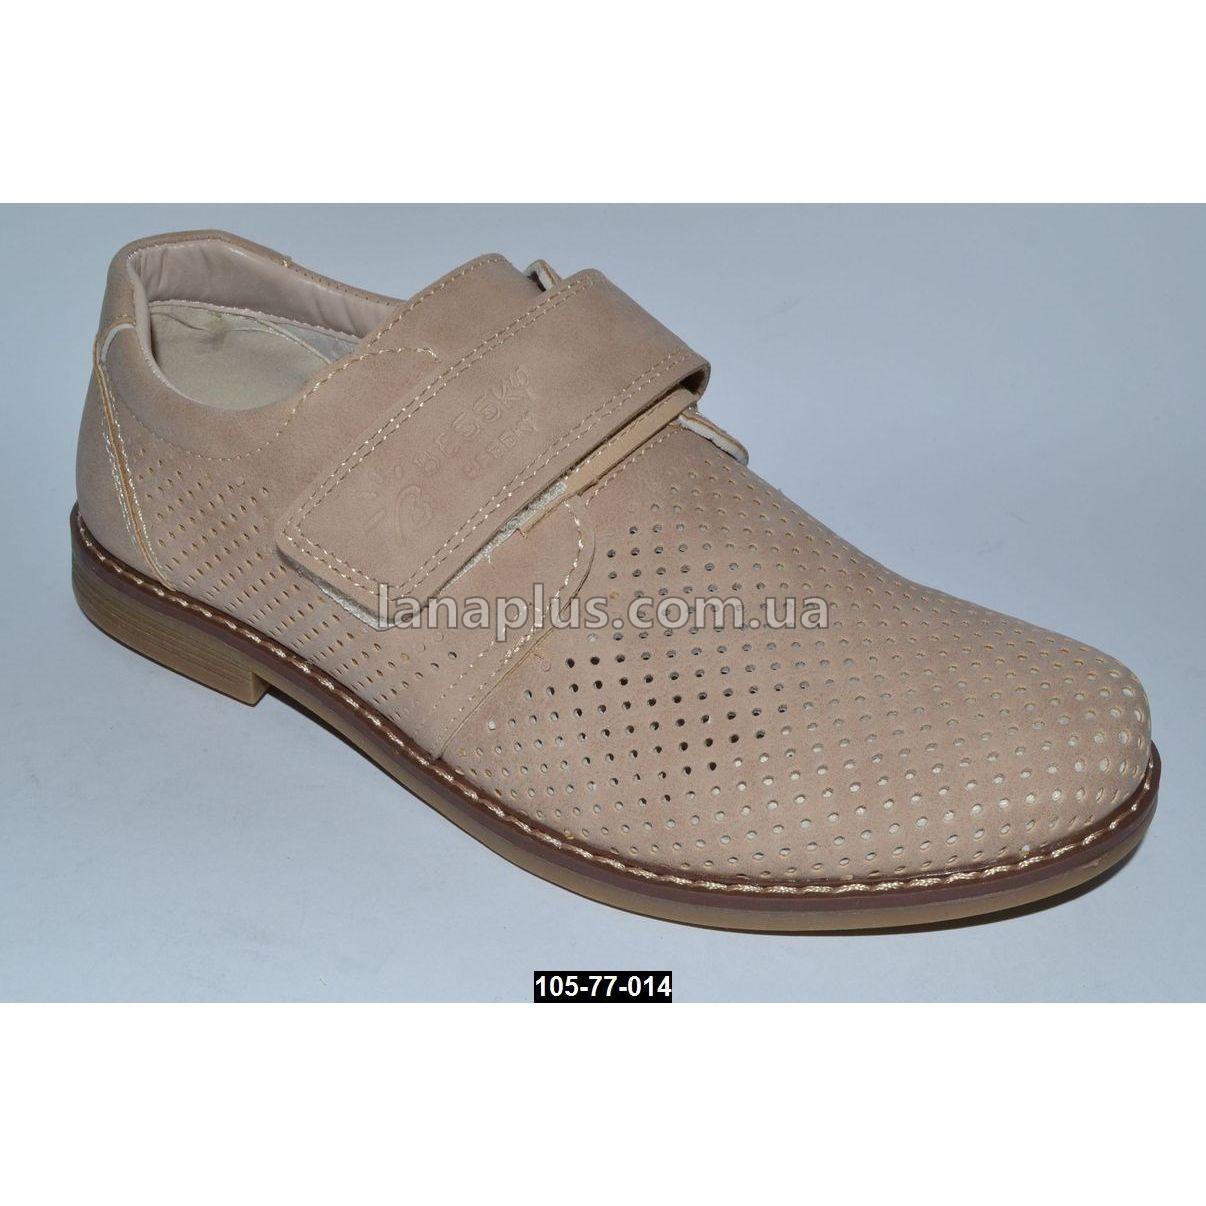 Летние туфли для мальчика, 33 размер (21.7 см), супинатор, 105-77-014